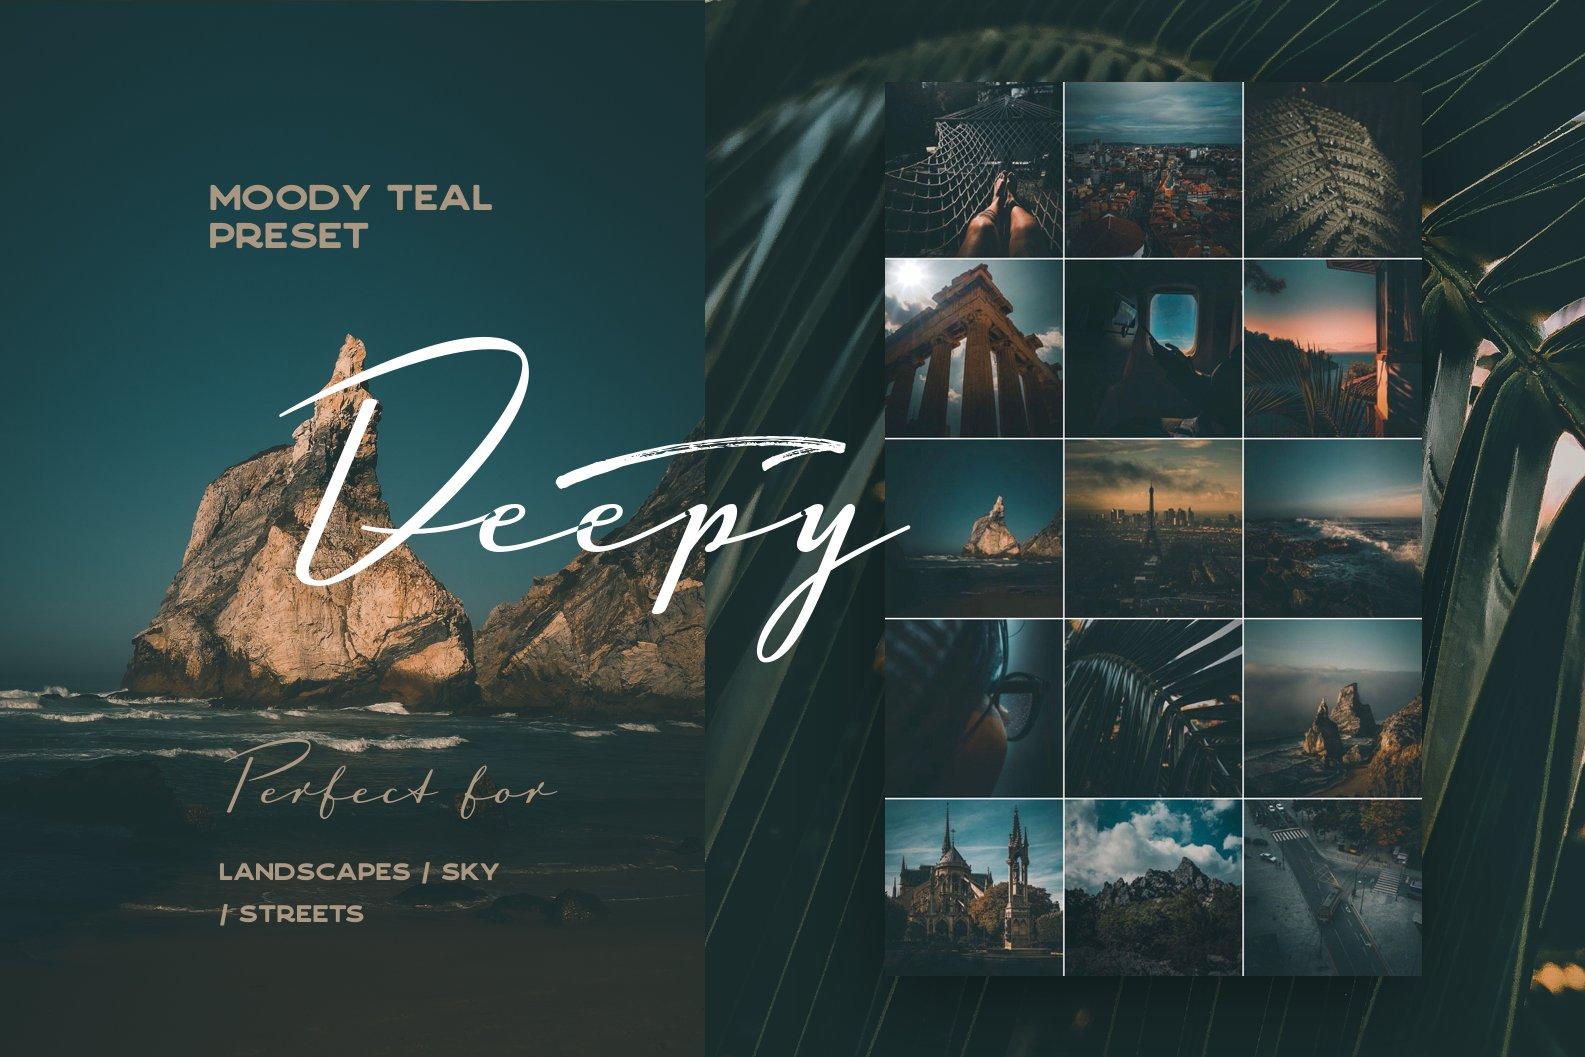 پریست لایت روم Deepy Moody Teal